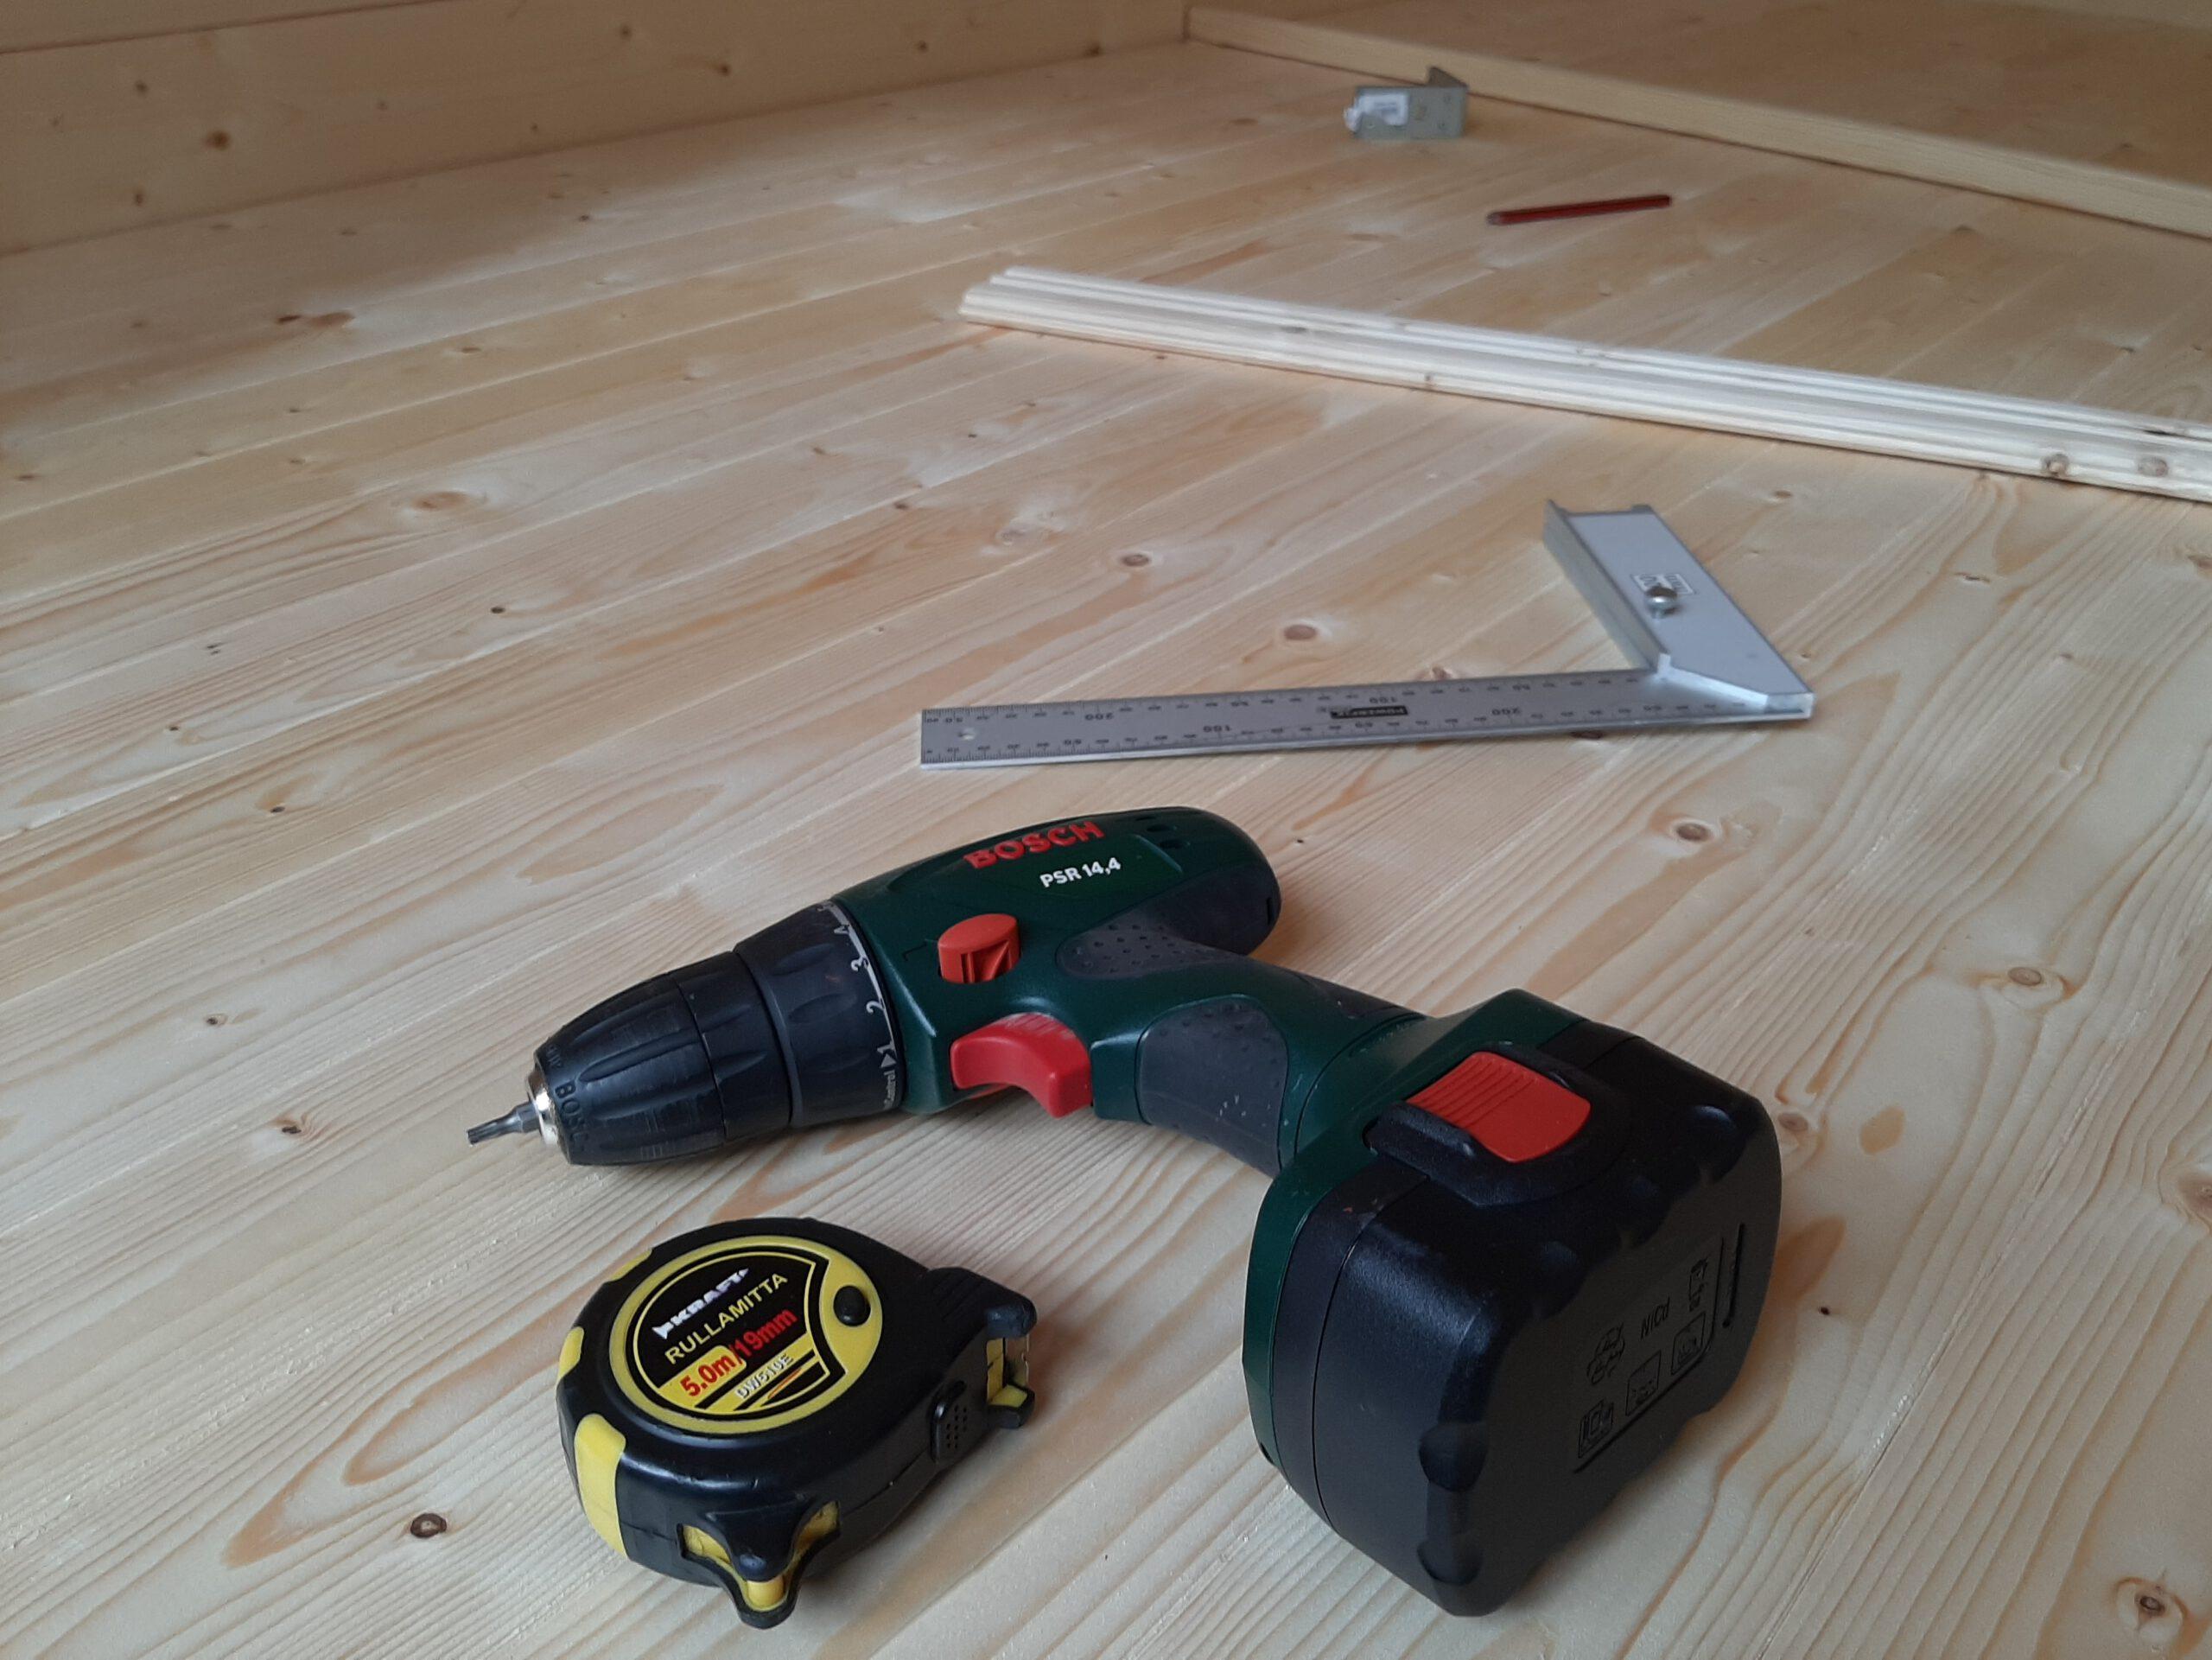 Työkaluja lattialla